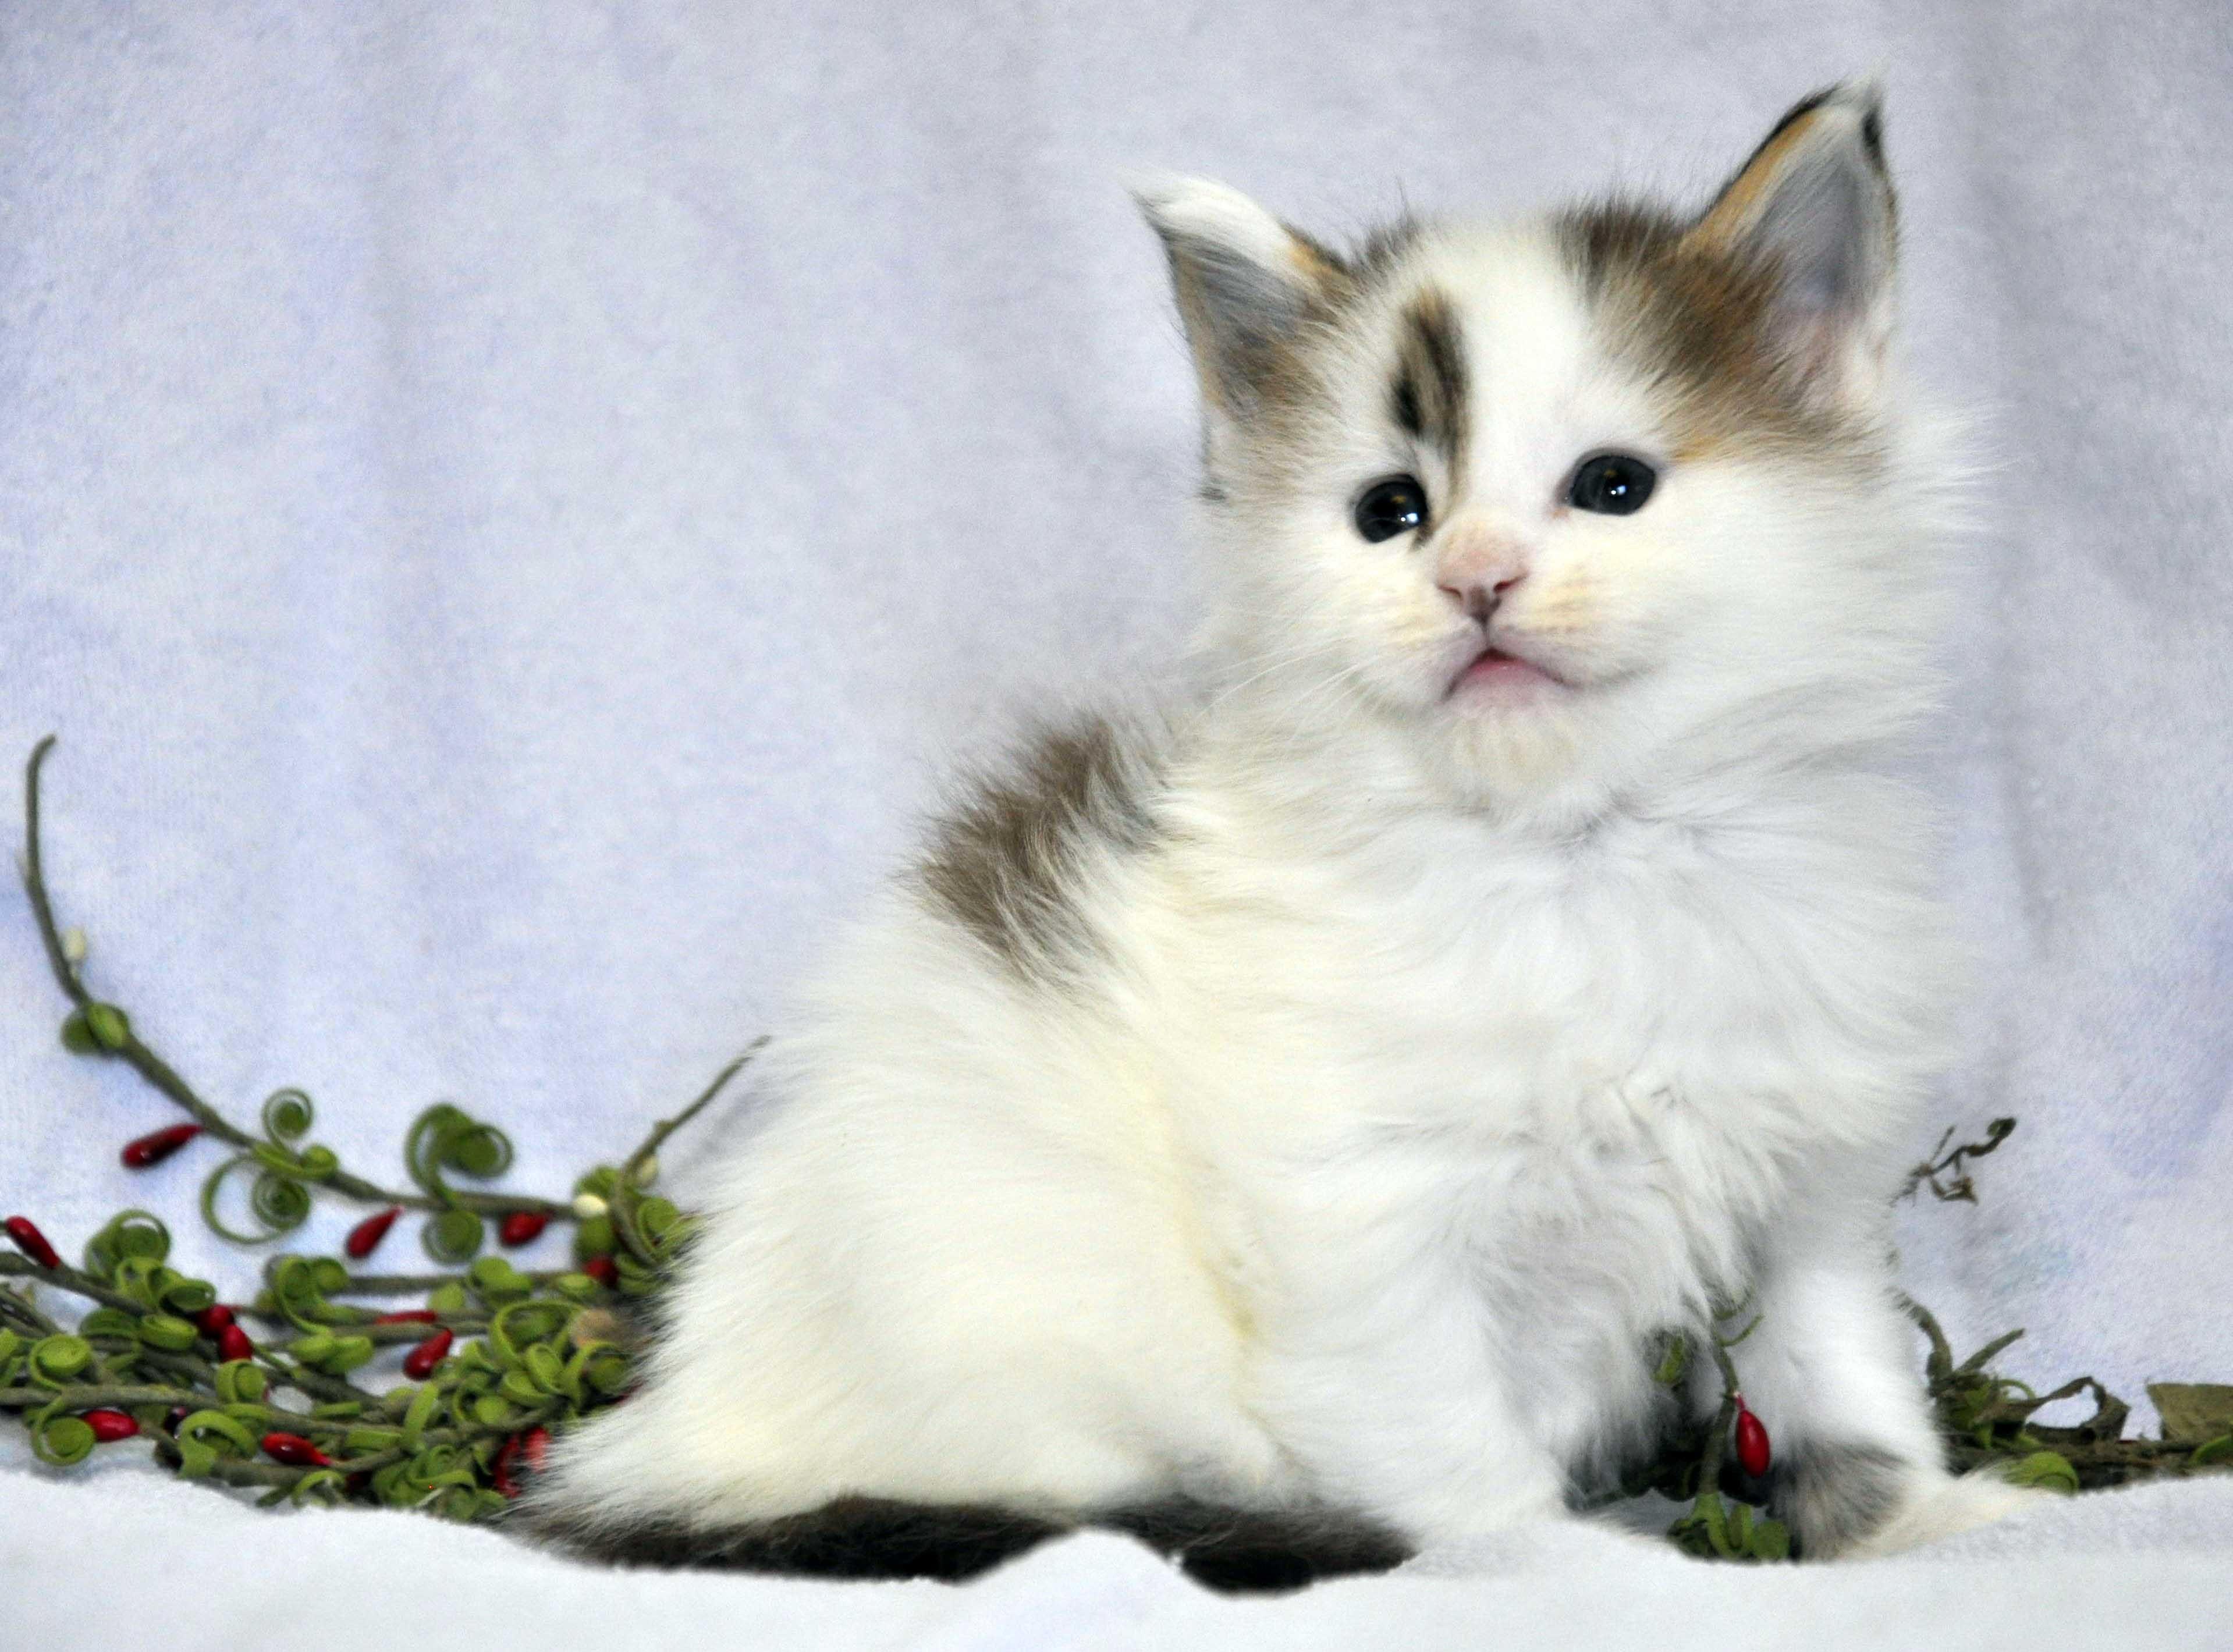 Кот Мейн Кун 1 (male) Eyktan TYSON 110418 фото 9